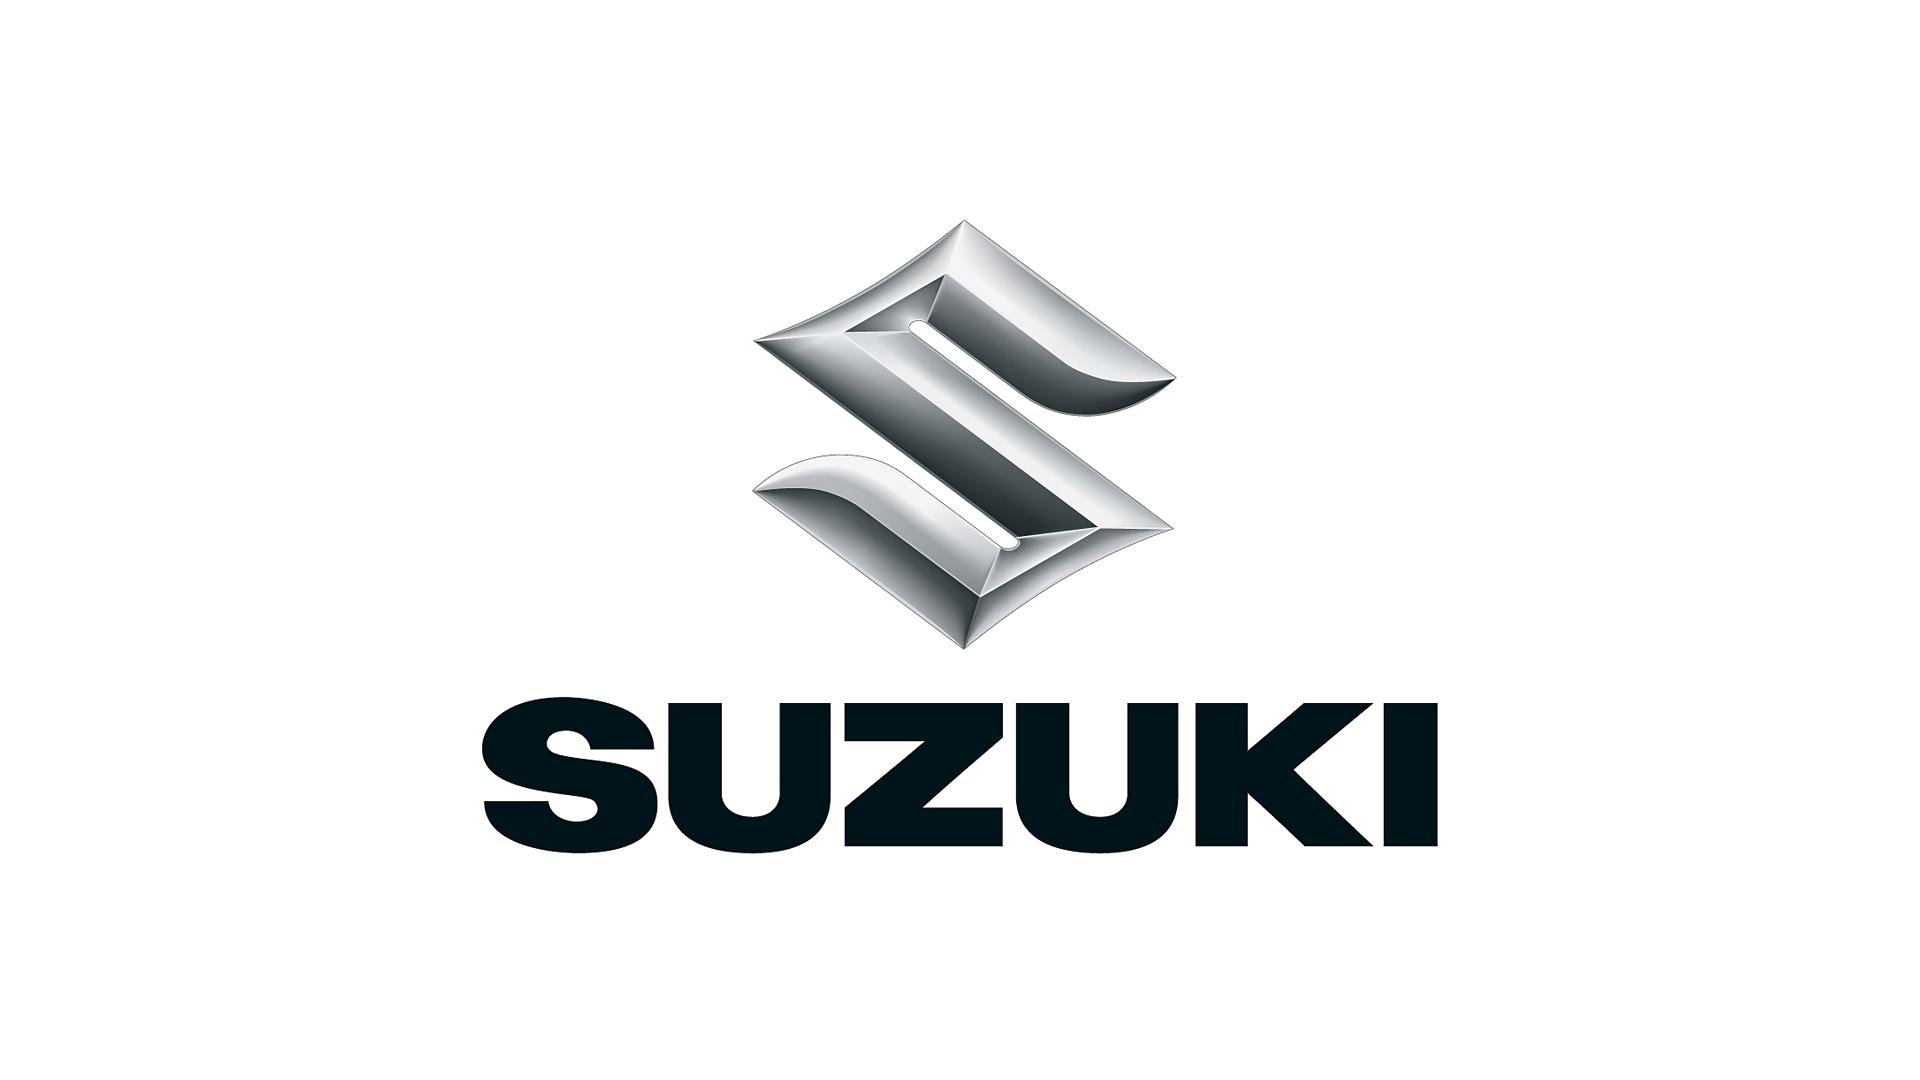 Suzuki Logo 1920x1080 HD Png - Suzuki PNG